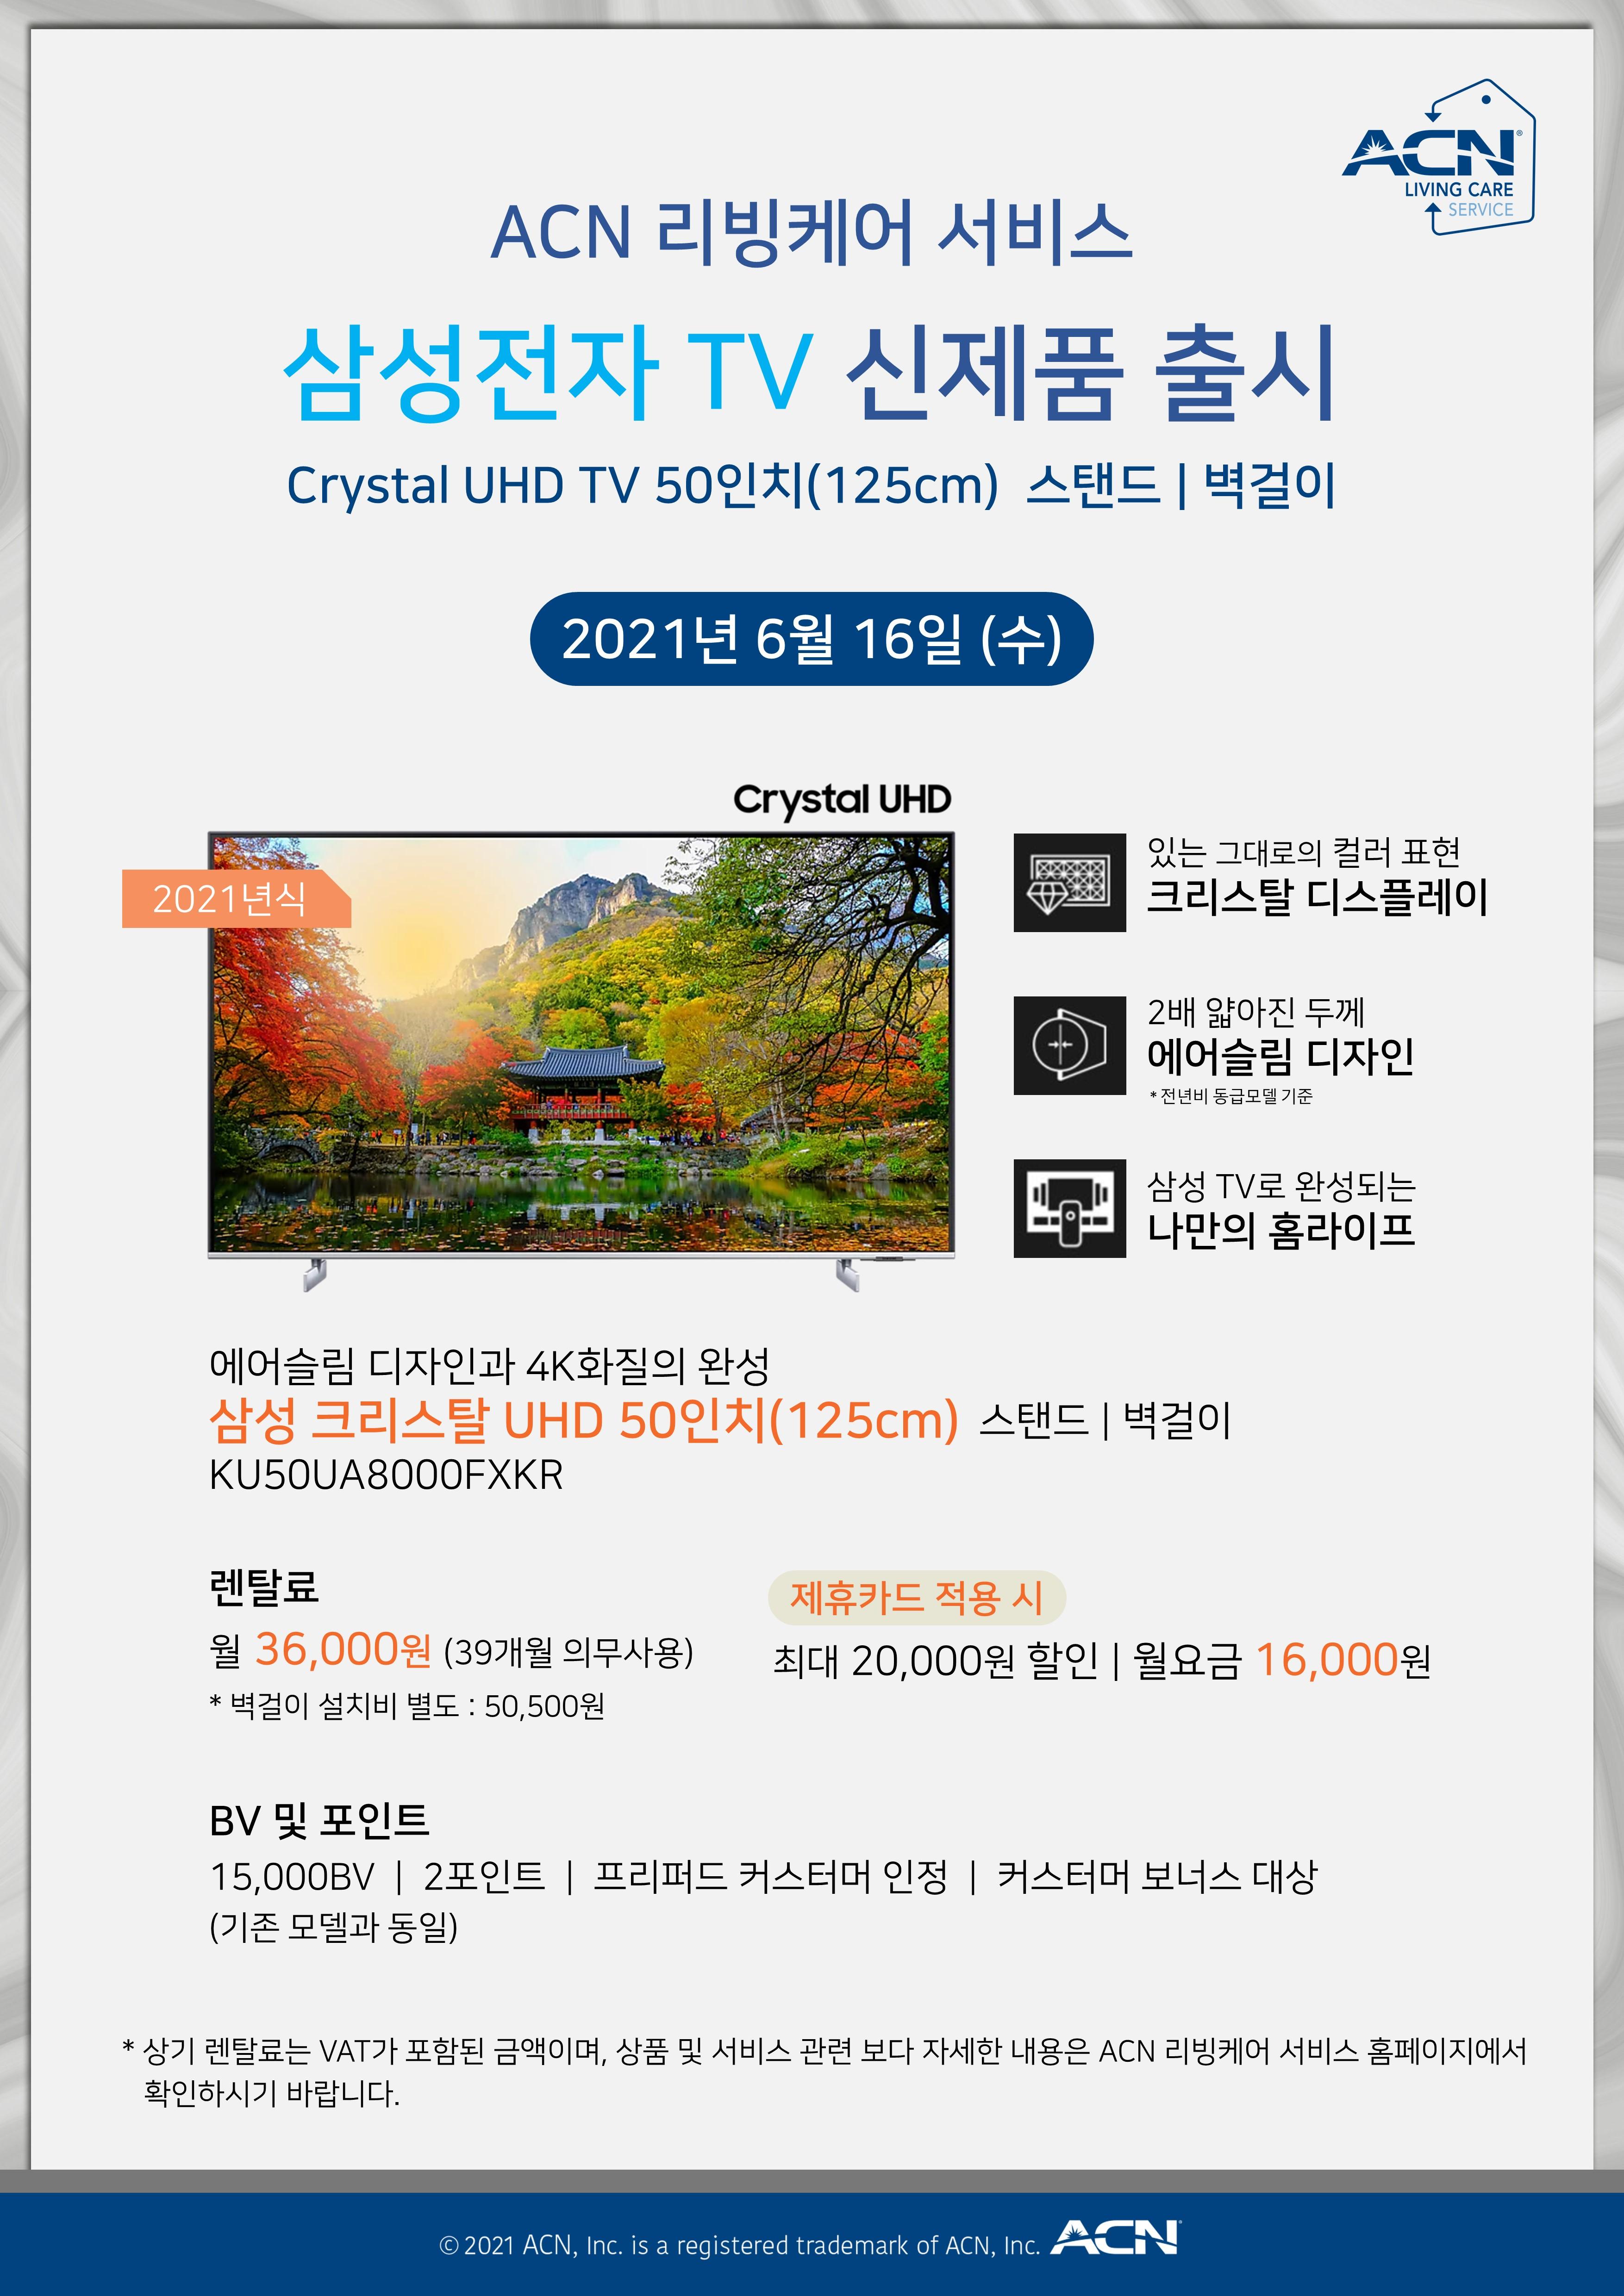 리빙케어 서비스, 삼성전자 TV 신제품 출시